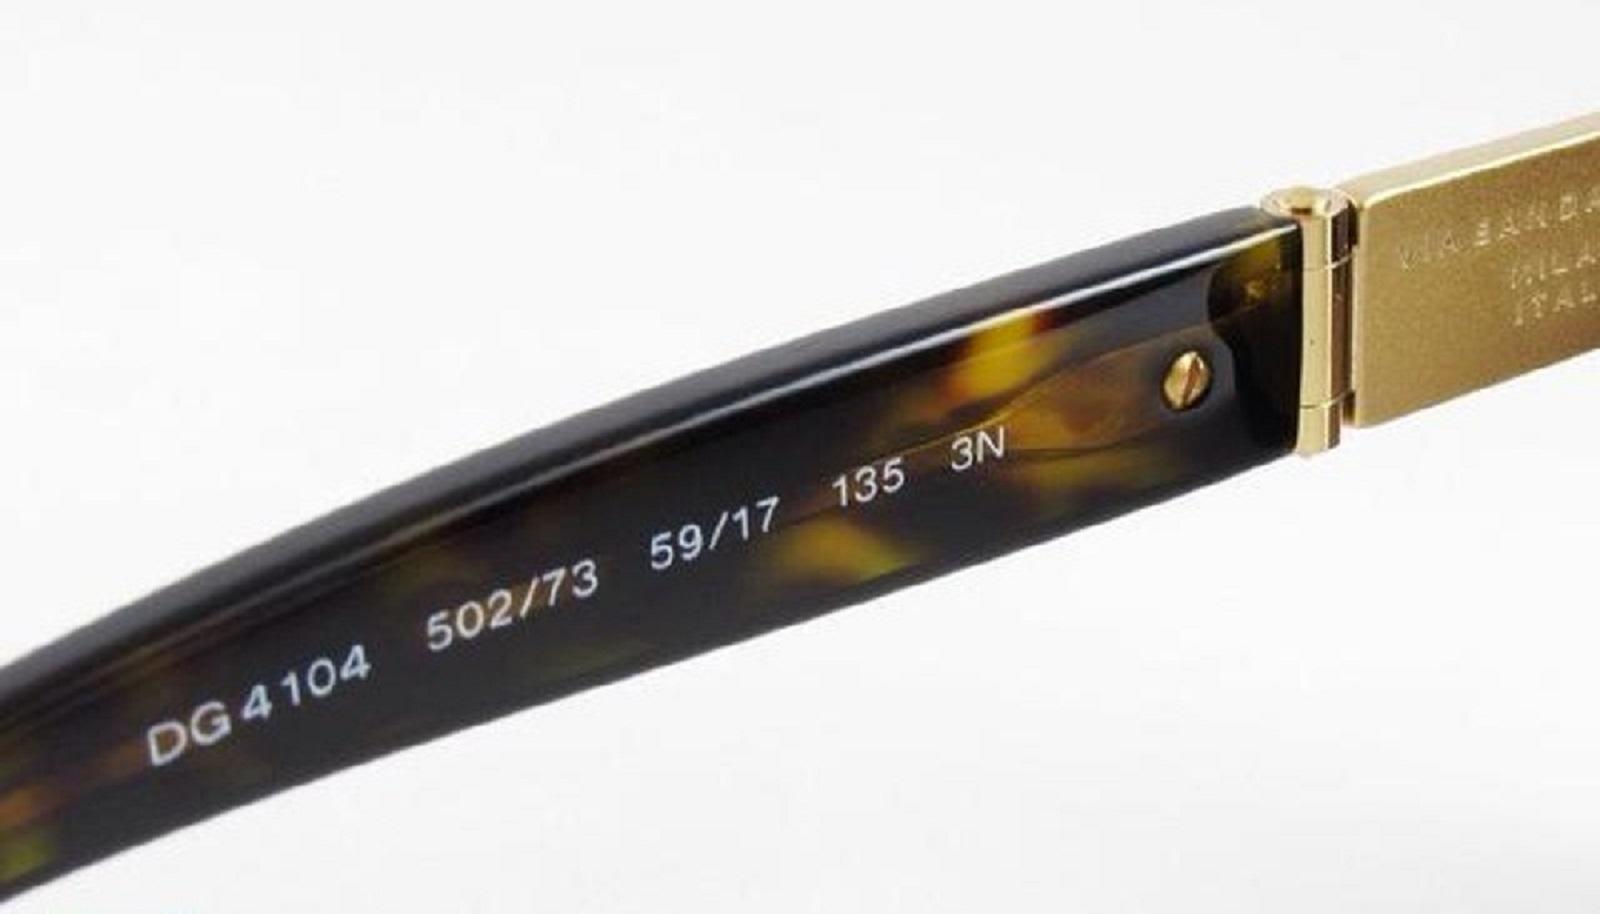 Dolce & Gabbana occhiali da sole: riconoscere gli originali dai falsi - Controllate il codice identificativo